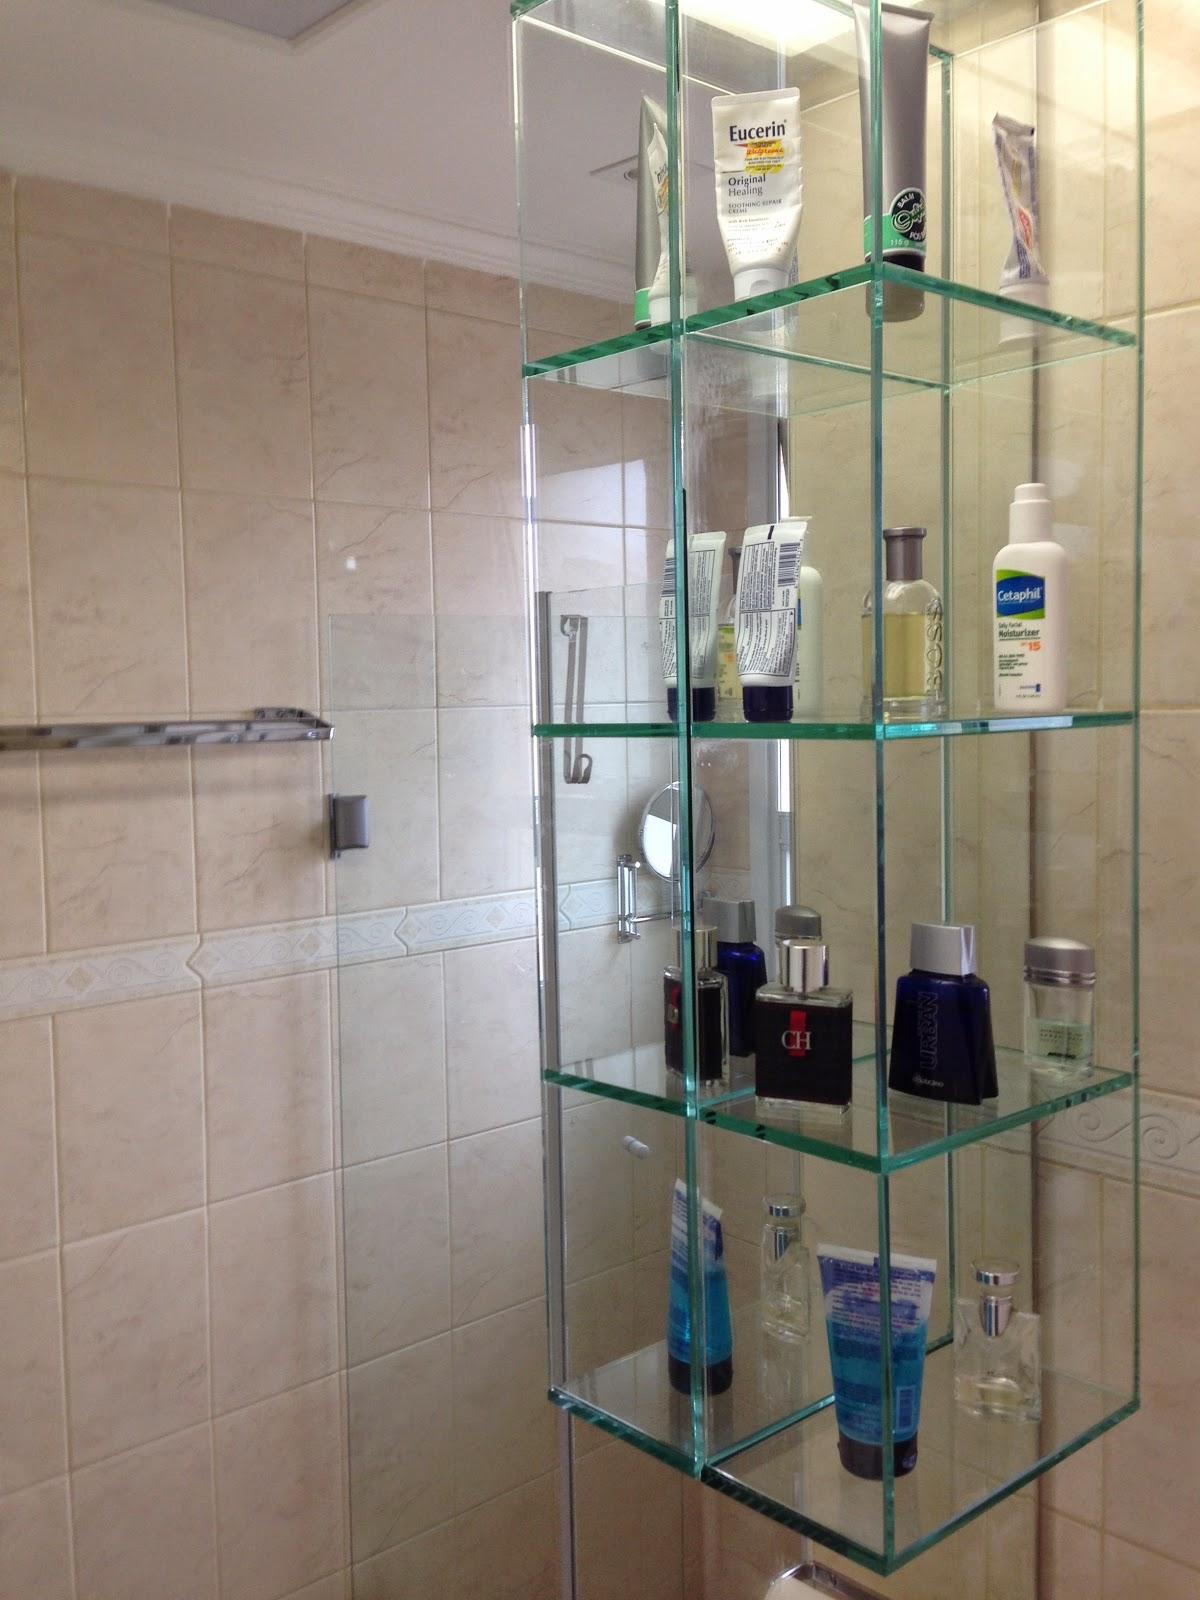 Trabalhamos com todos os tipos de vidros e espelhos emgeral. #27435F 1200 1600